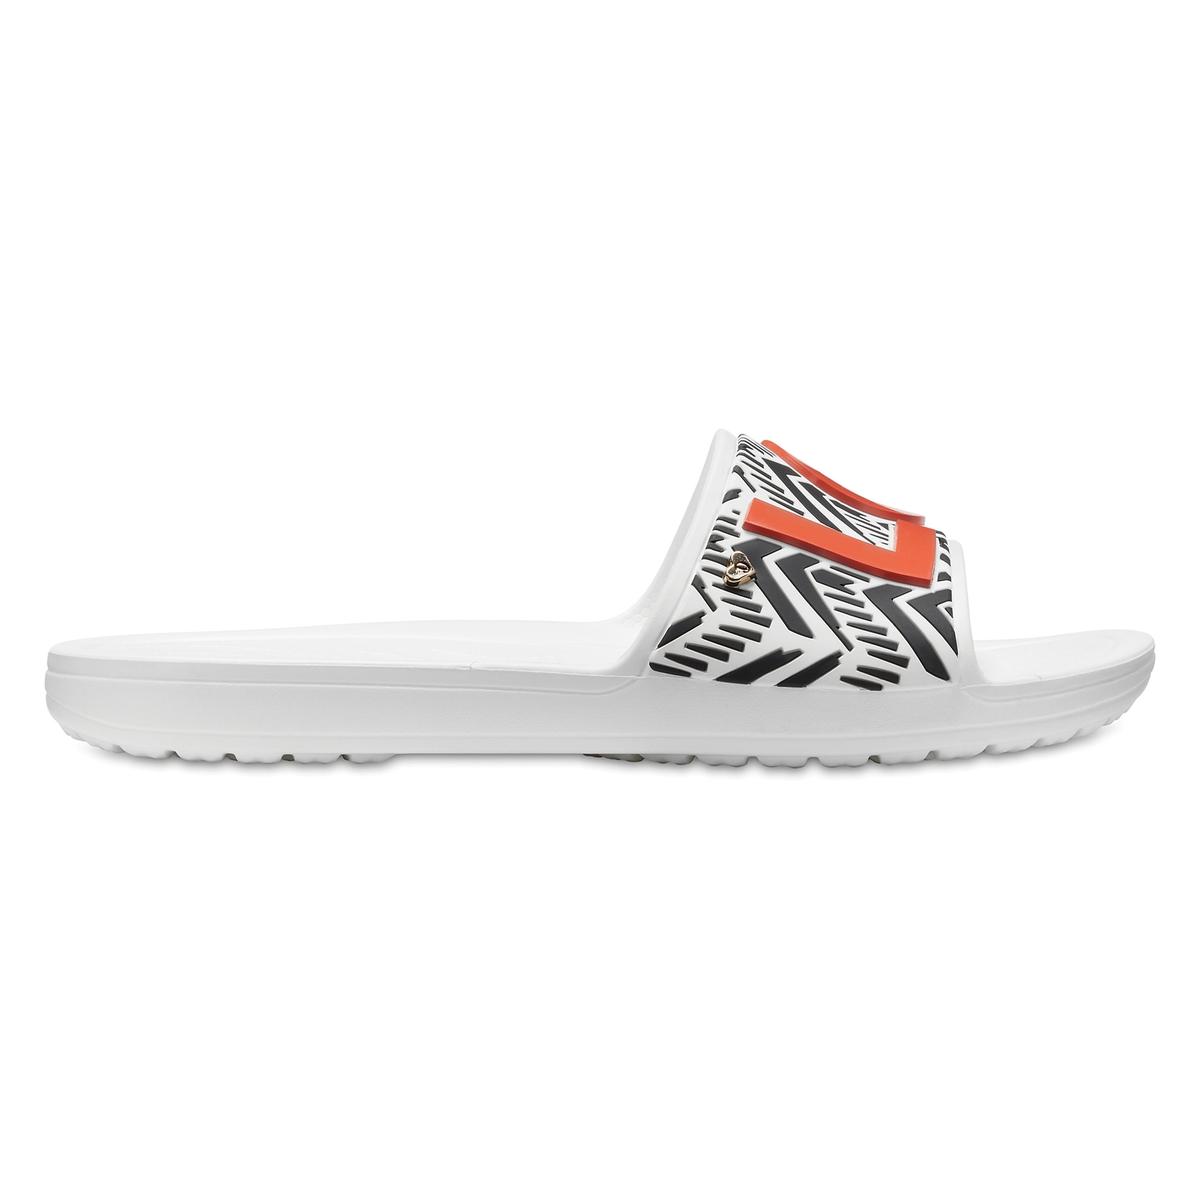 Туфли без задника синтетические туфли сабо без задника palmyre